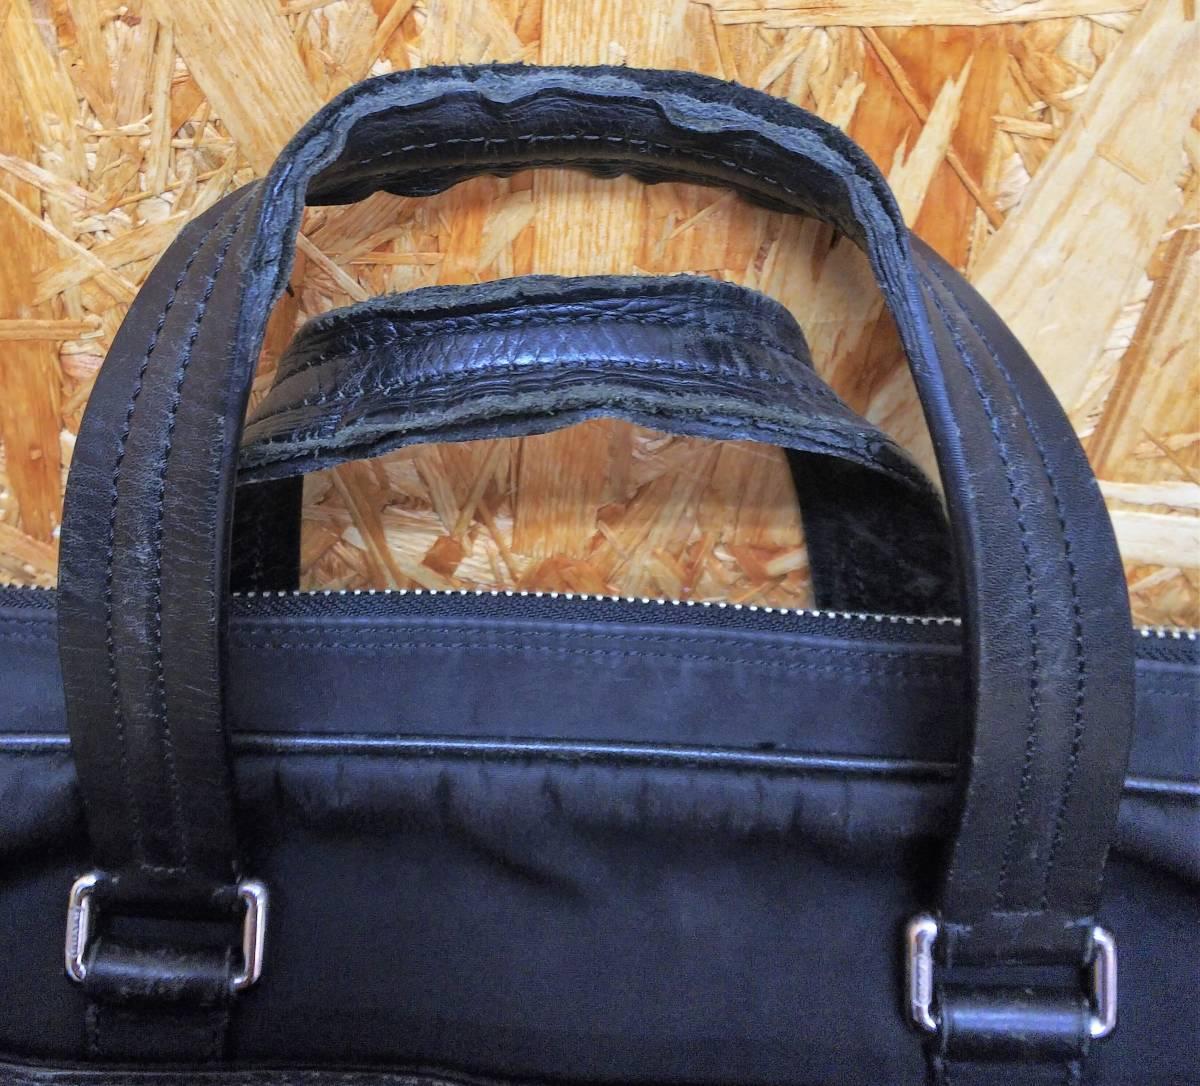 COACH/コーチ ミニシグネチャー ビジネスバッグ ブリーフケース ハンドバッグ ブラック ナイロン レザー メンズ F70596_画像8